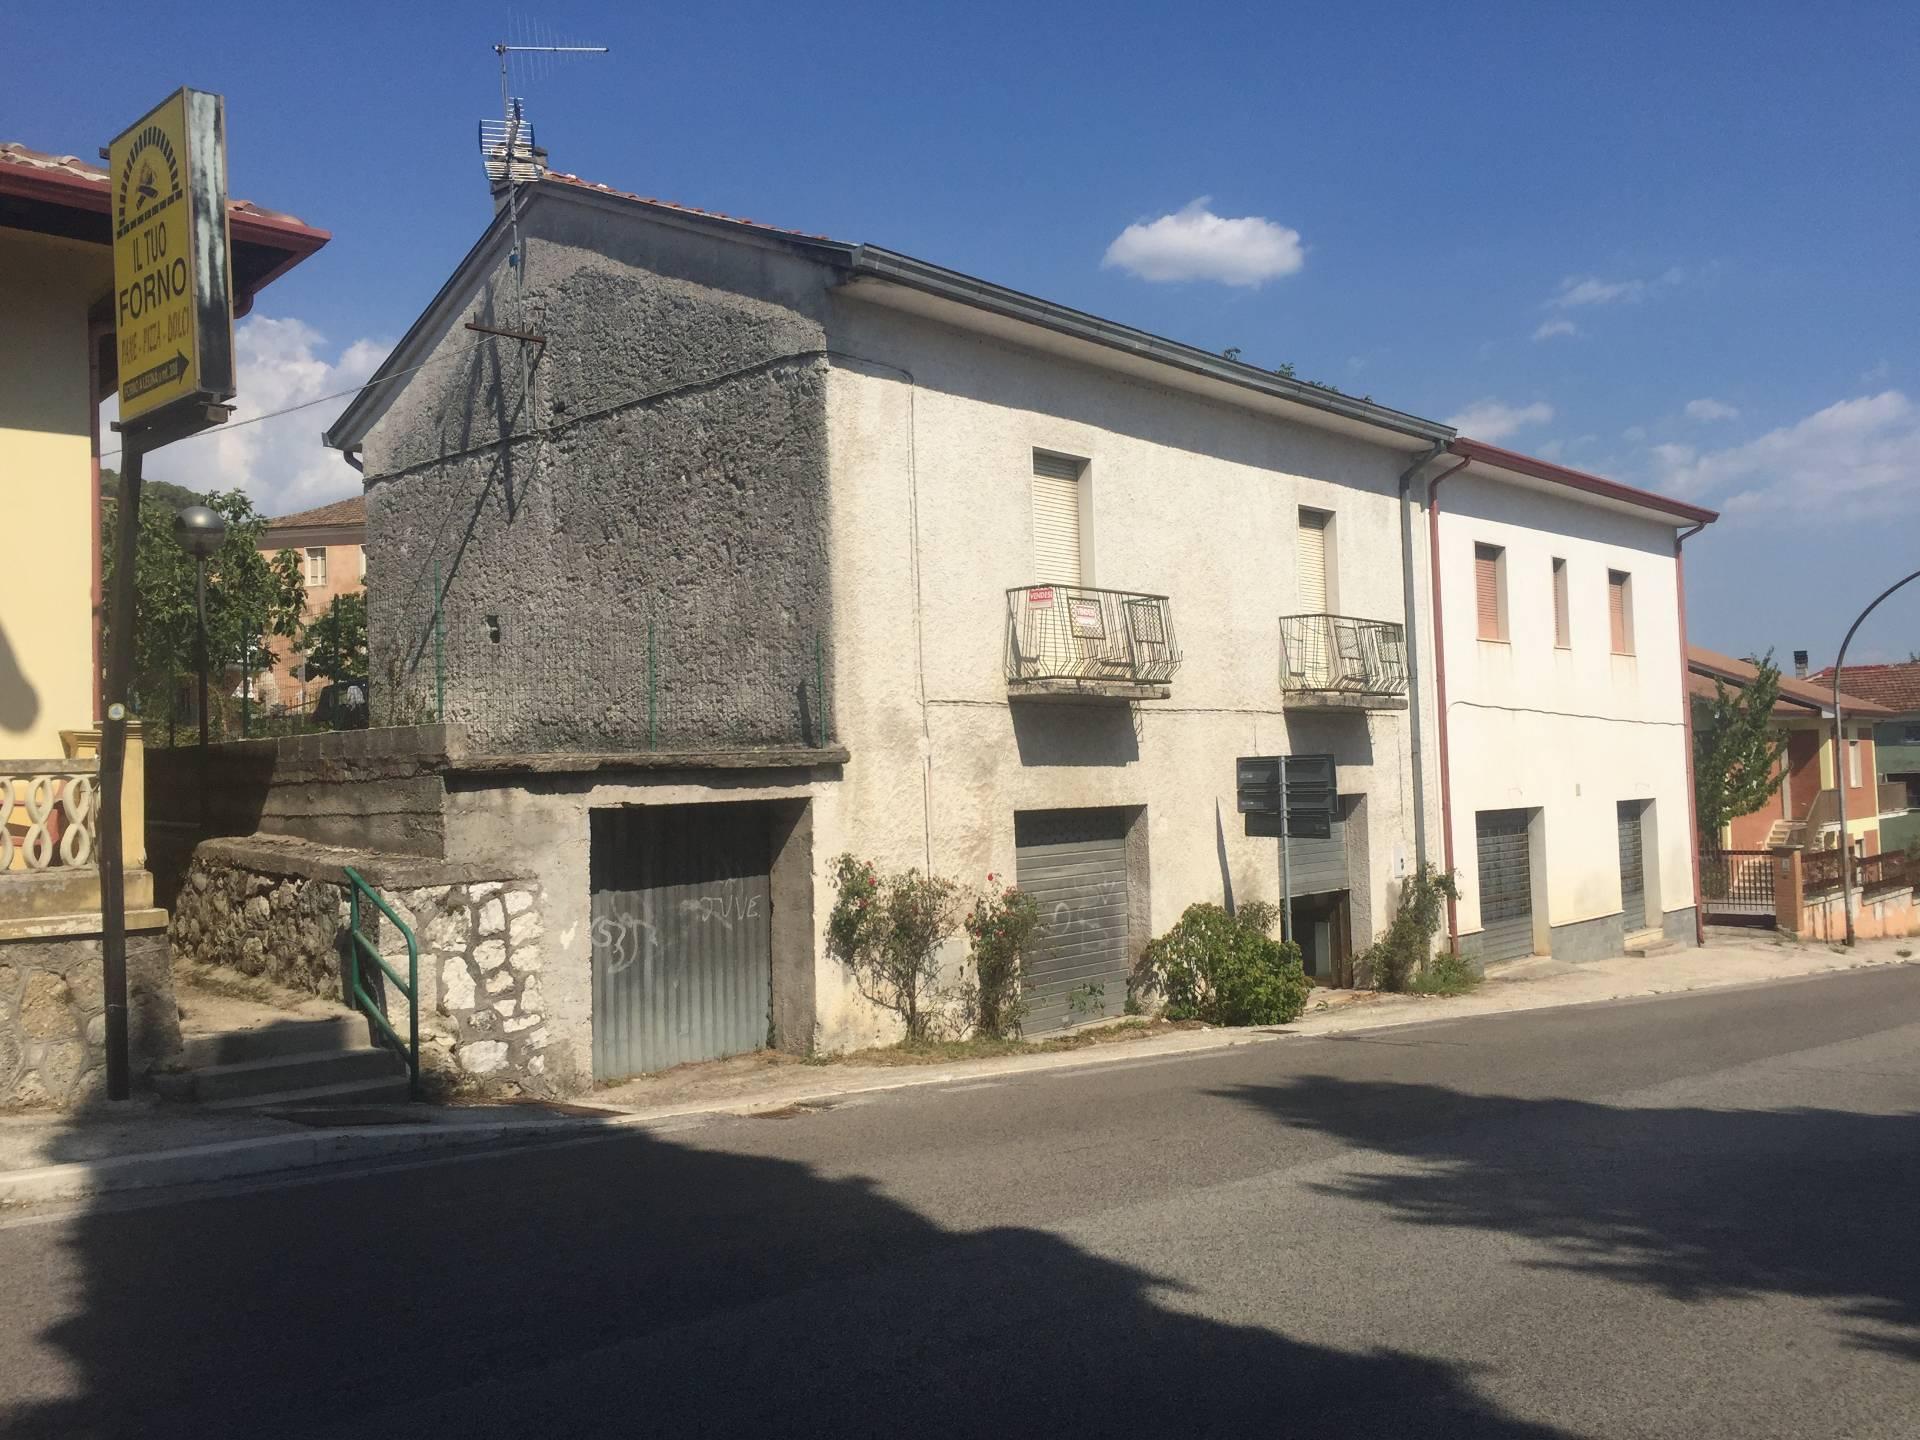 Soluzione Indipendente in vendita a Vicalvi, 10 locali, prezzo € 125.000 | CambioCasa.it